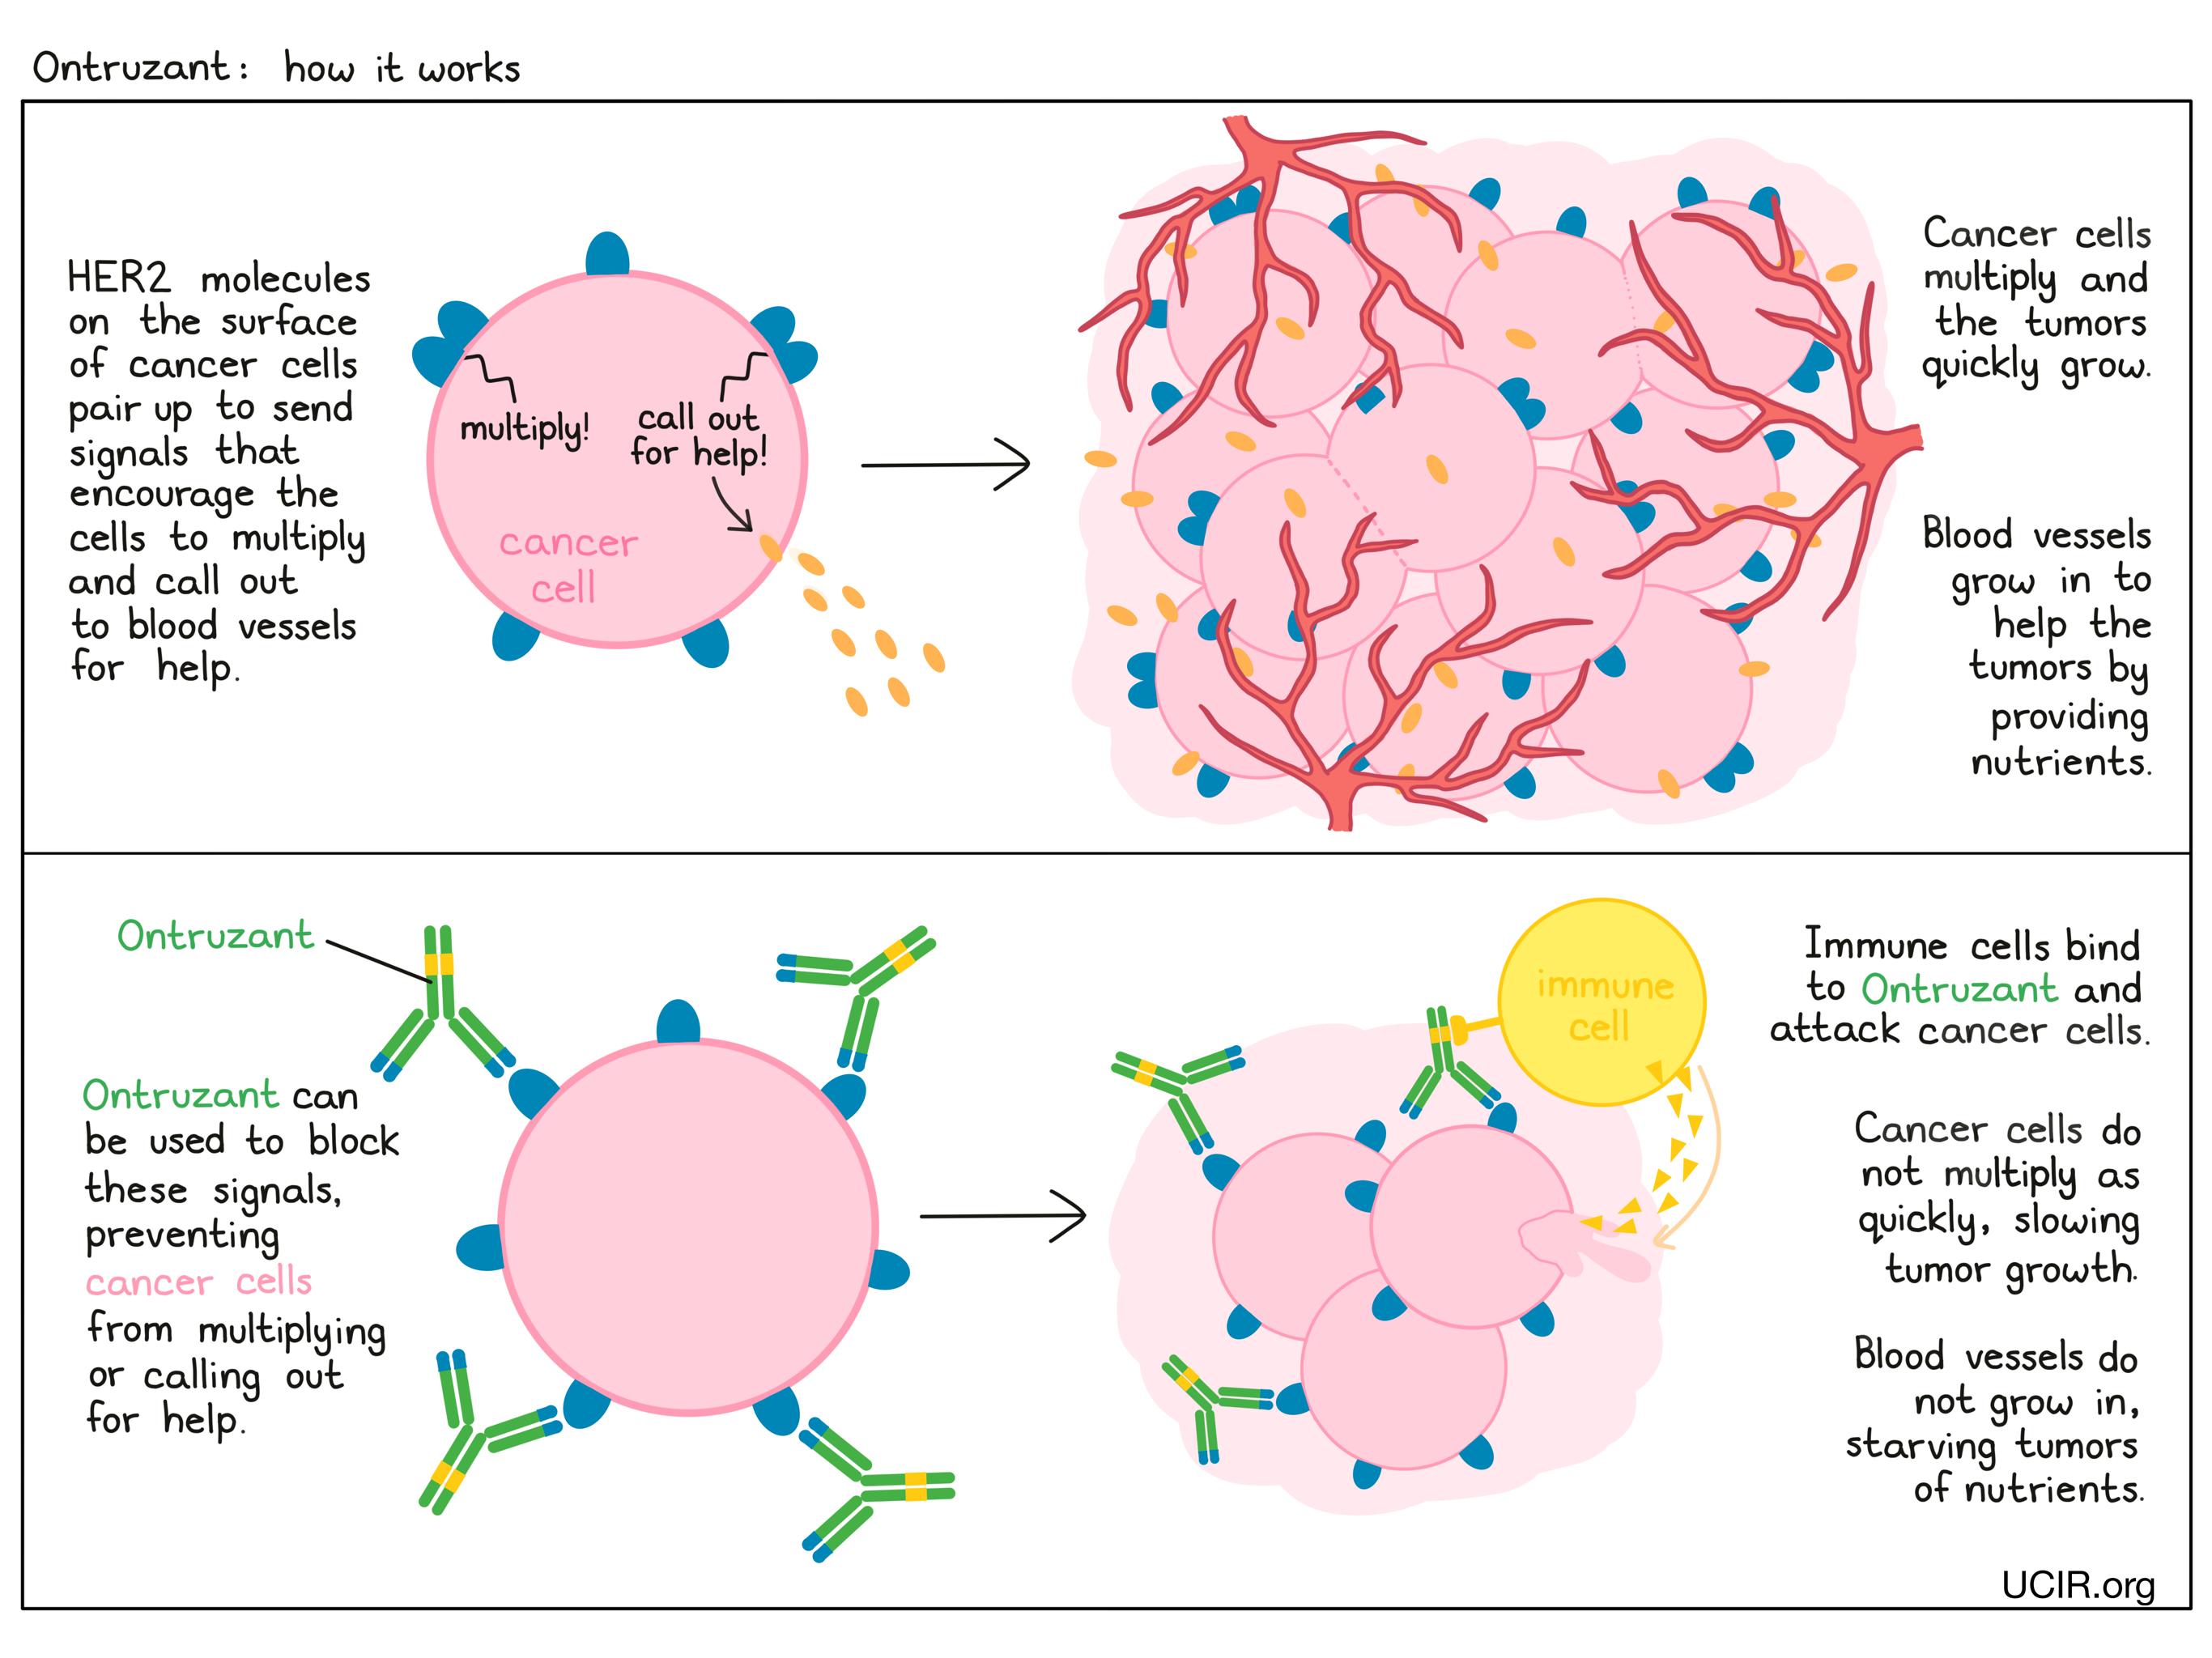 Illustration showing how Ontruzant works